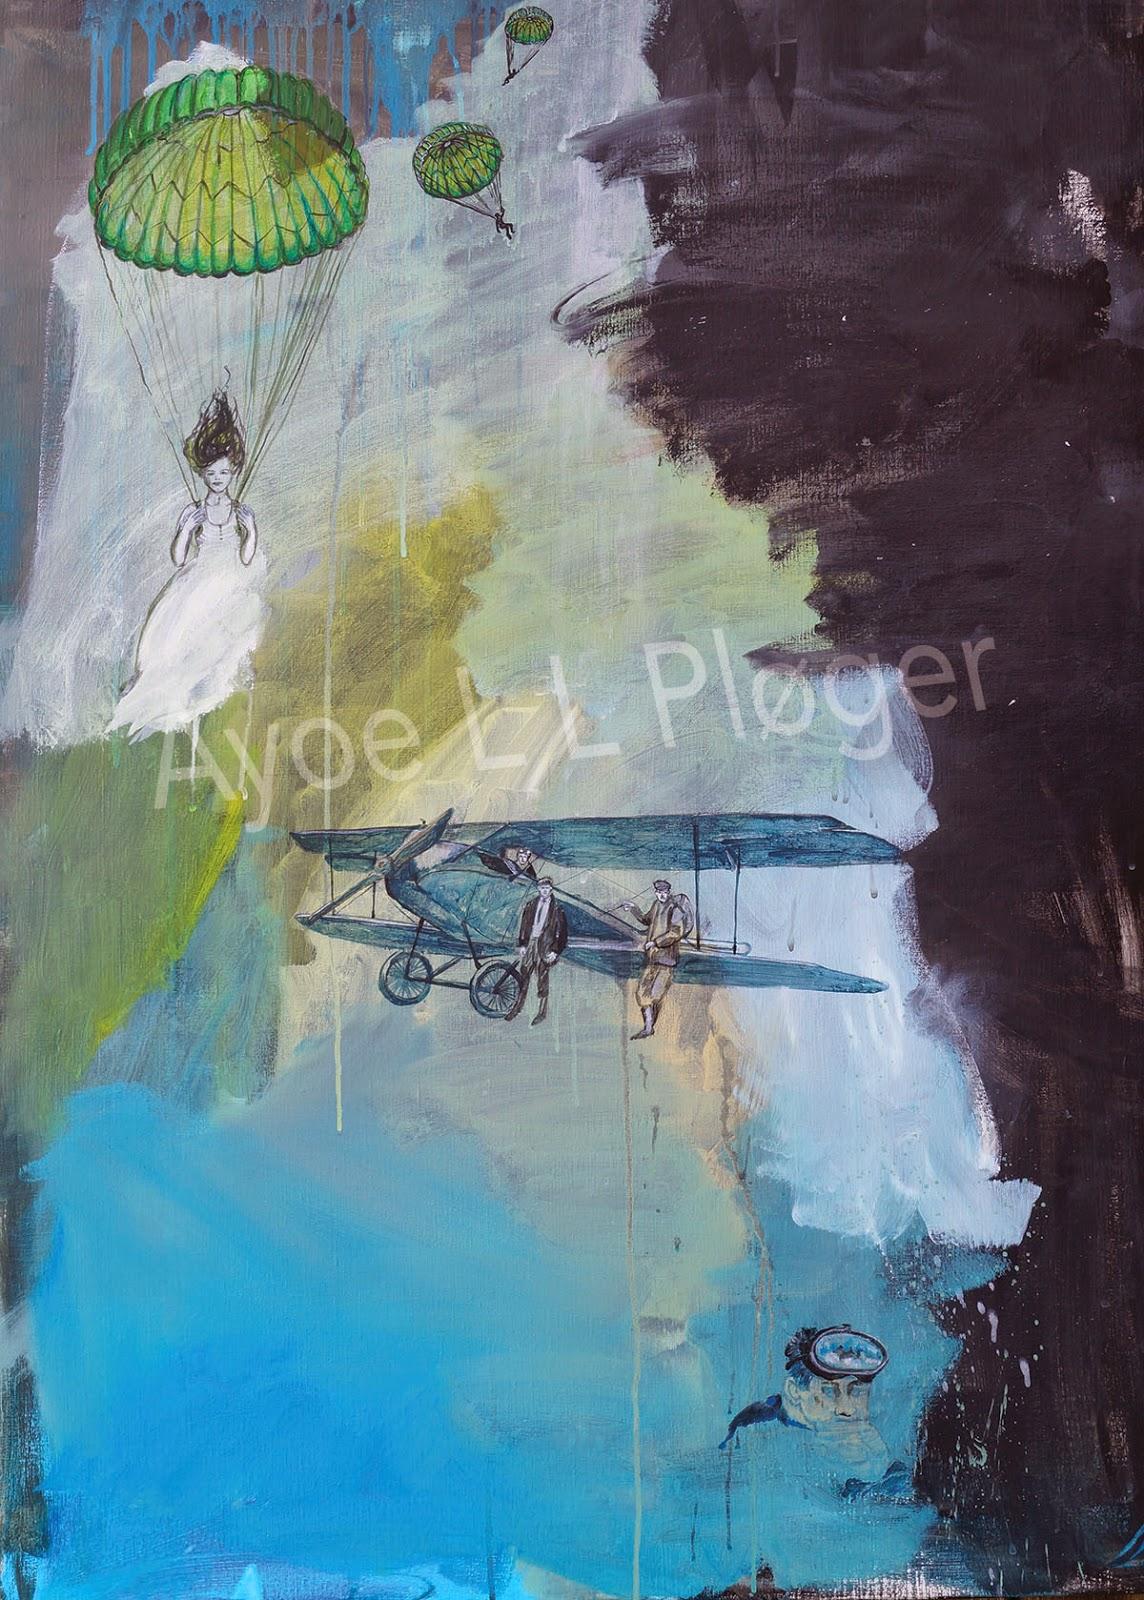 kunst, akryl maleri, moderne kunst, flyver, faldskærm, dykker, at turde, ayoe l l pløger